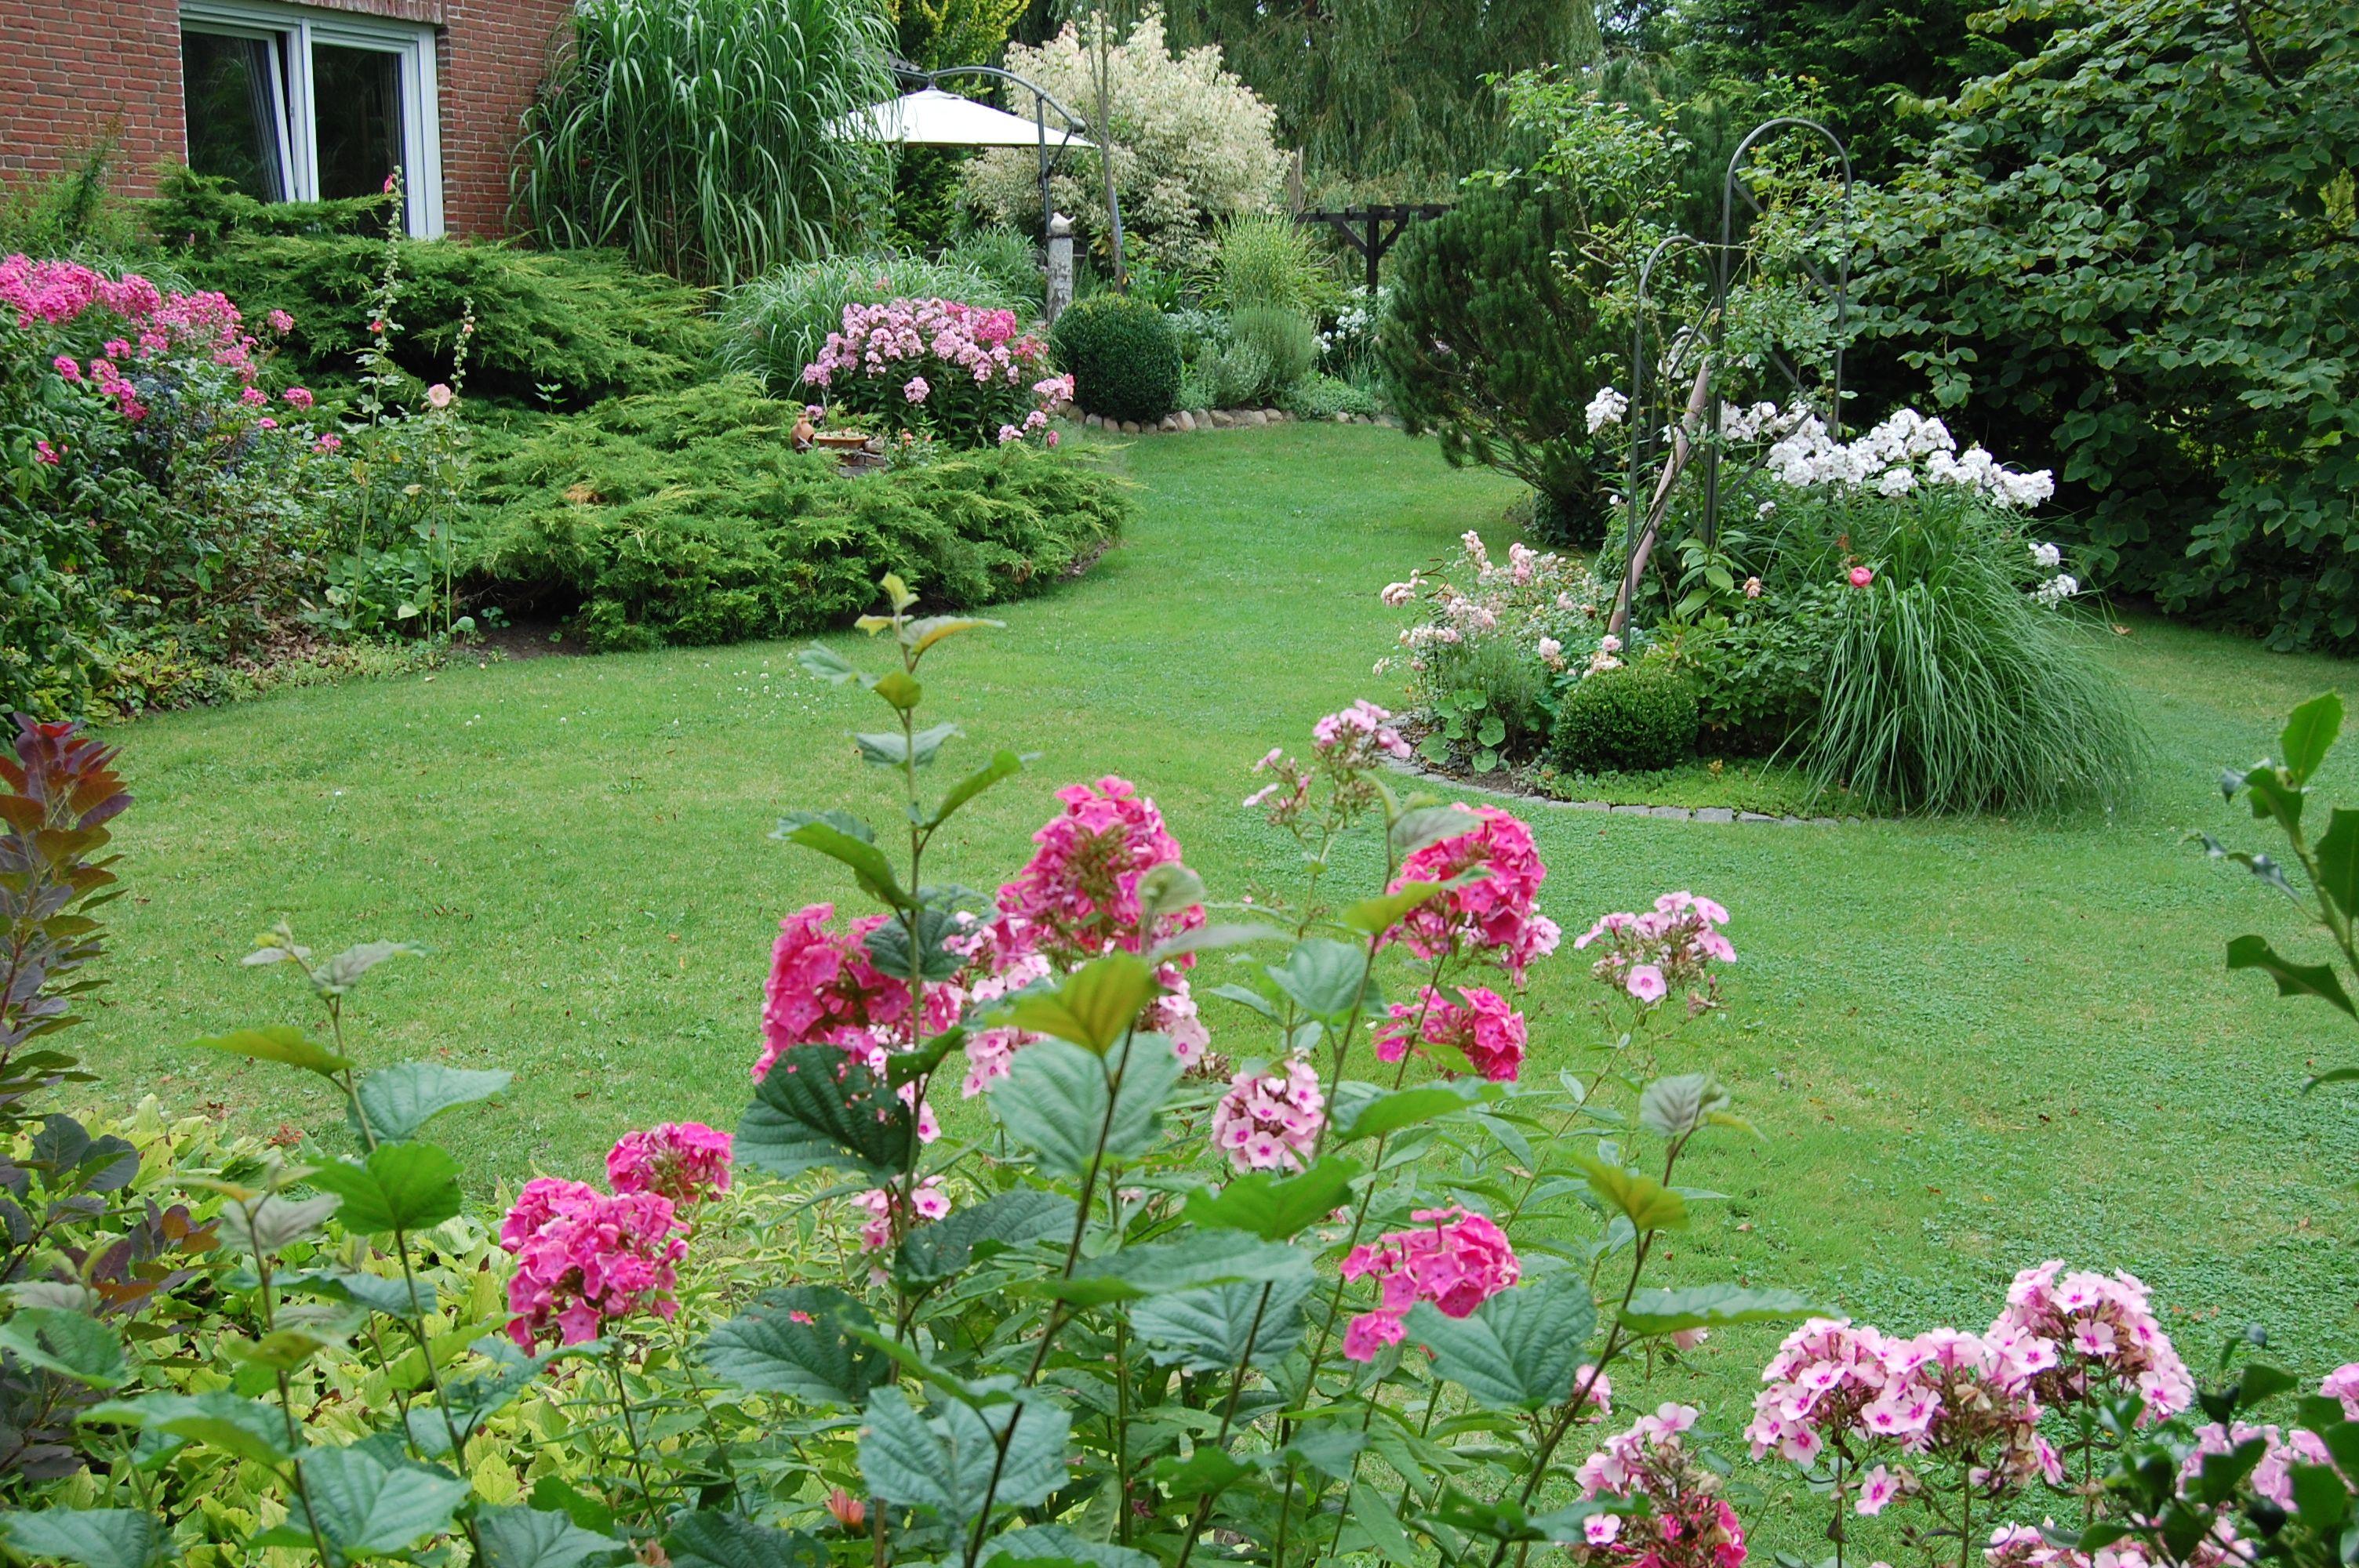 Phloxblüte zu ihrer schönsten Zeit kombiniert mit Rosen Lavendel Gräsern und Stockrosen